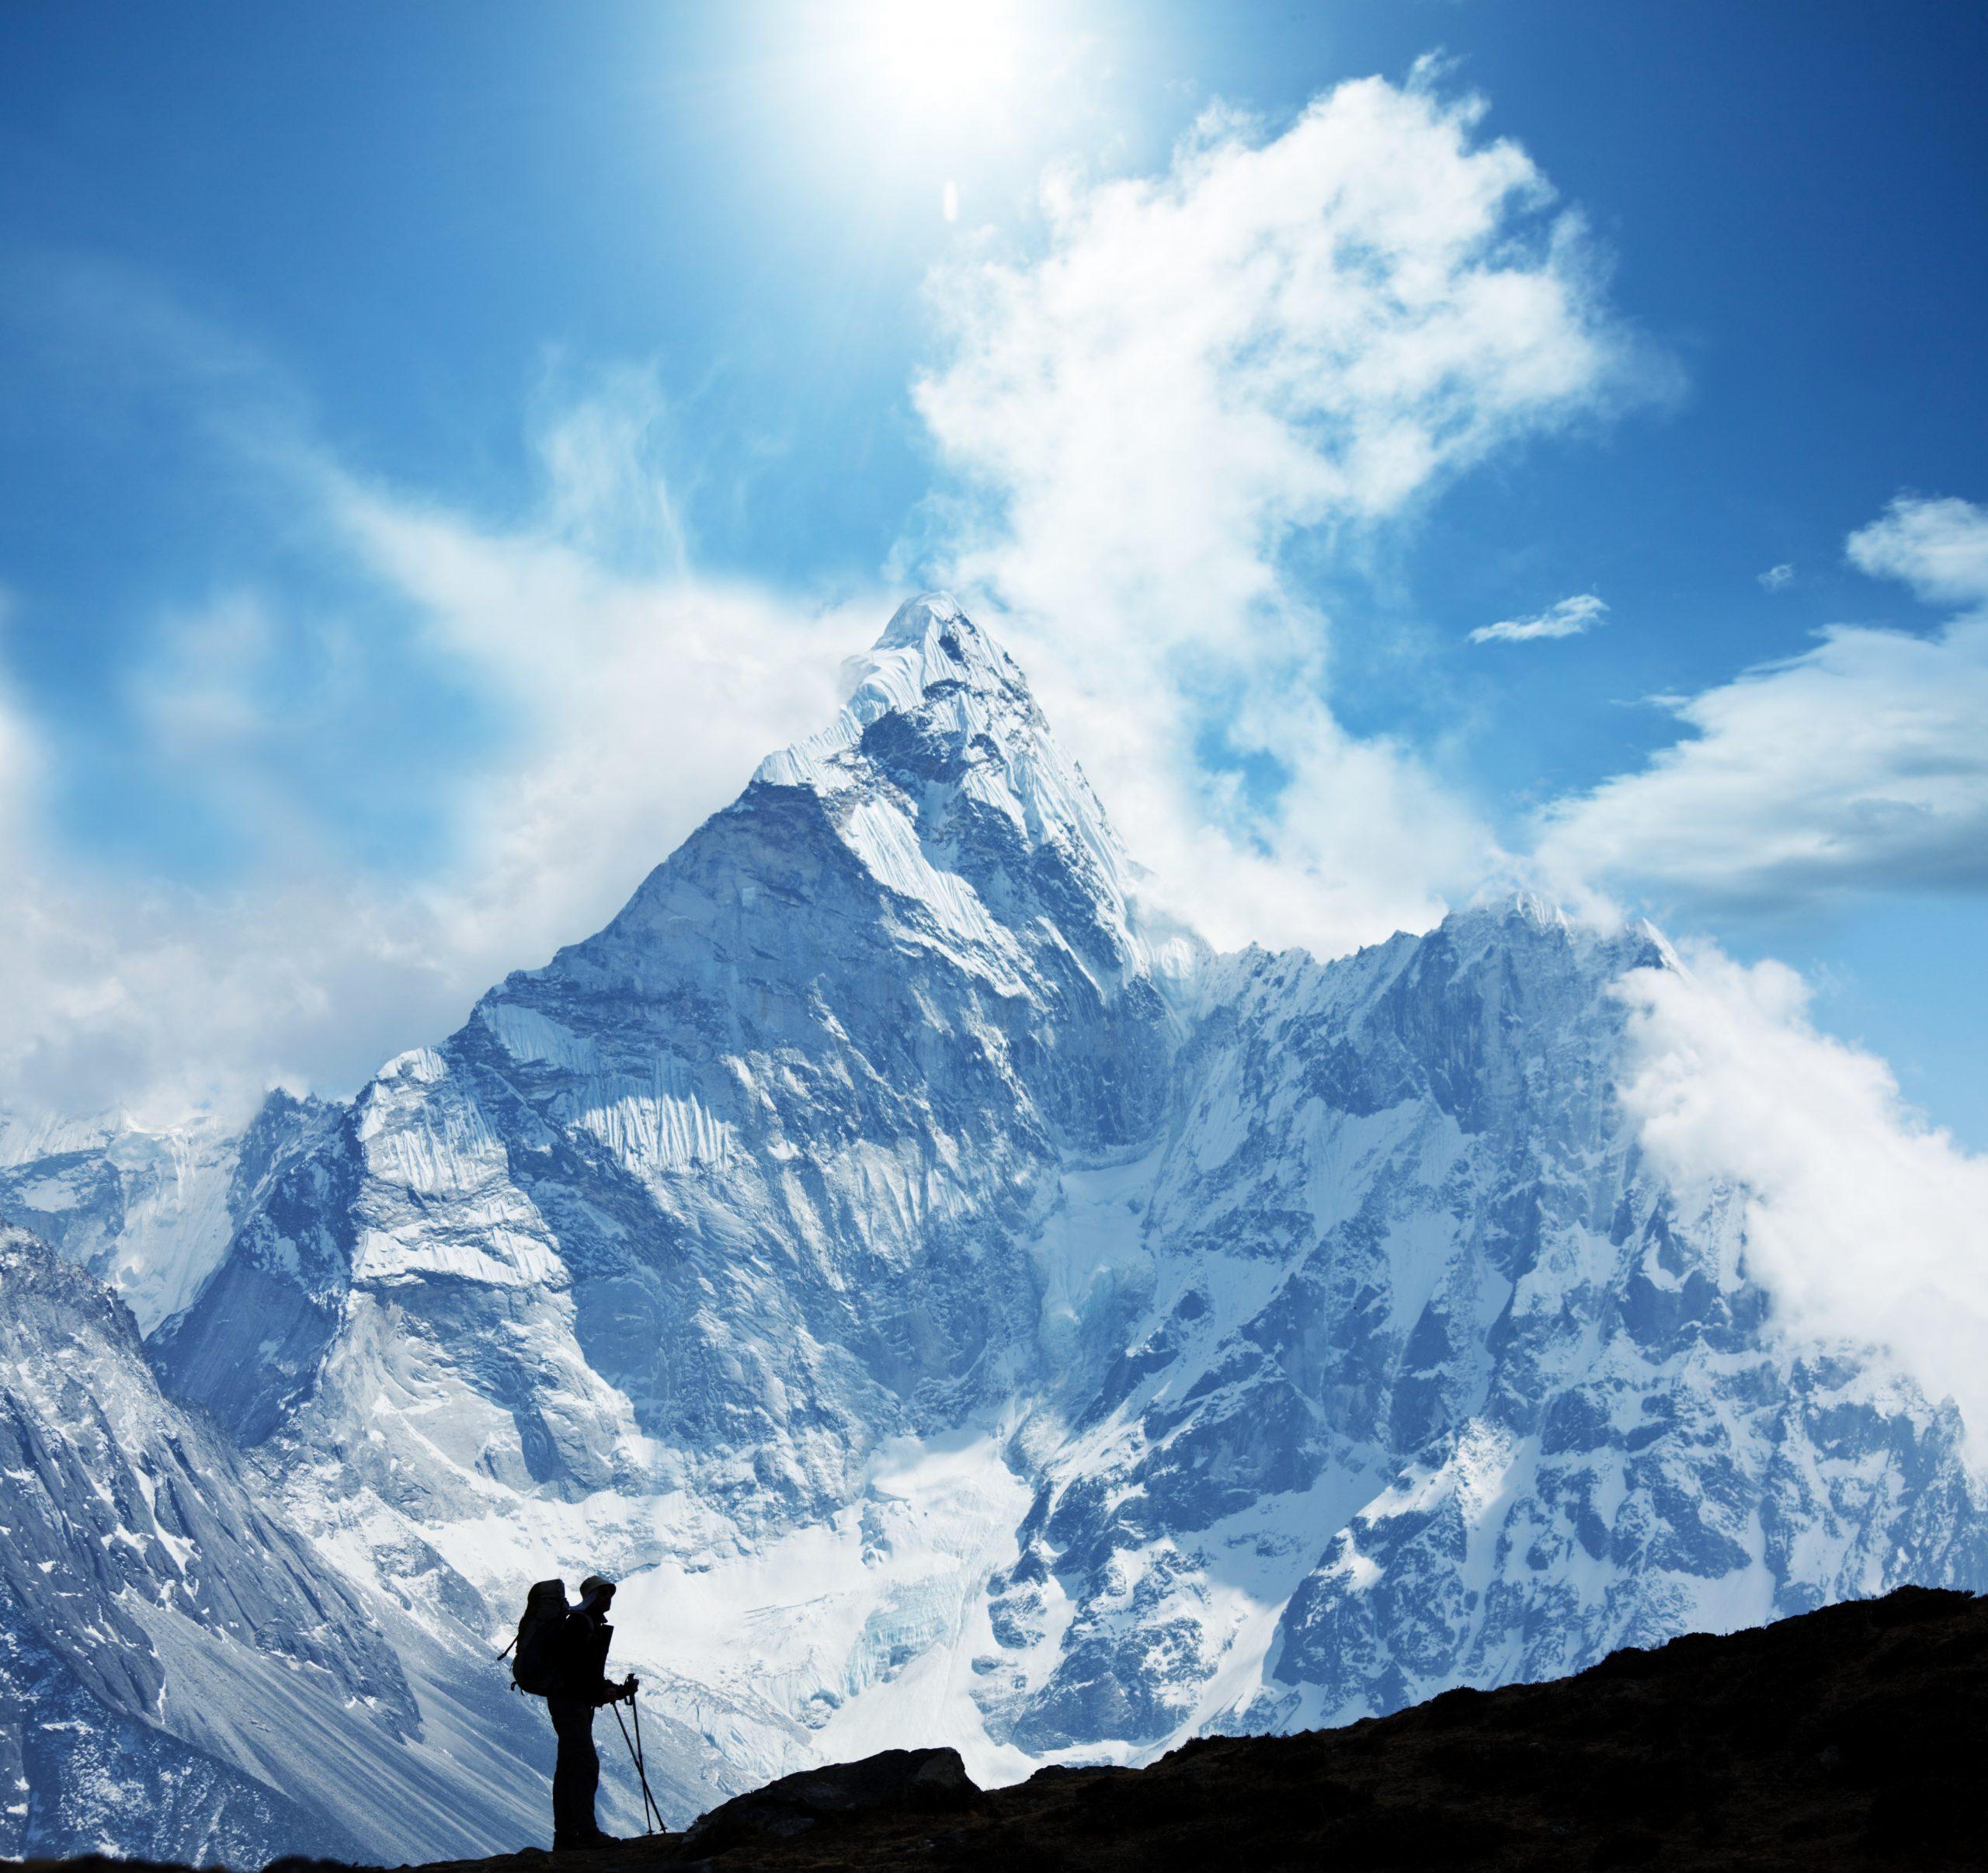 Entscheidungen so groß und schwer wie der Mount Everest Michaela Forthuber Blog #Entscheidungsarchitektin